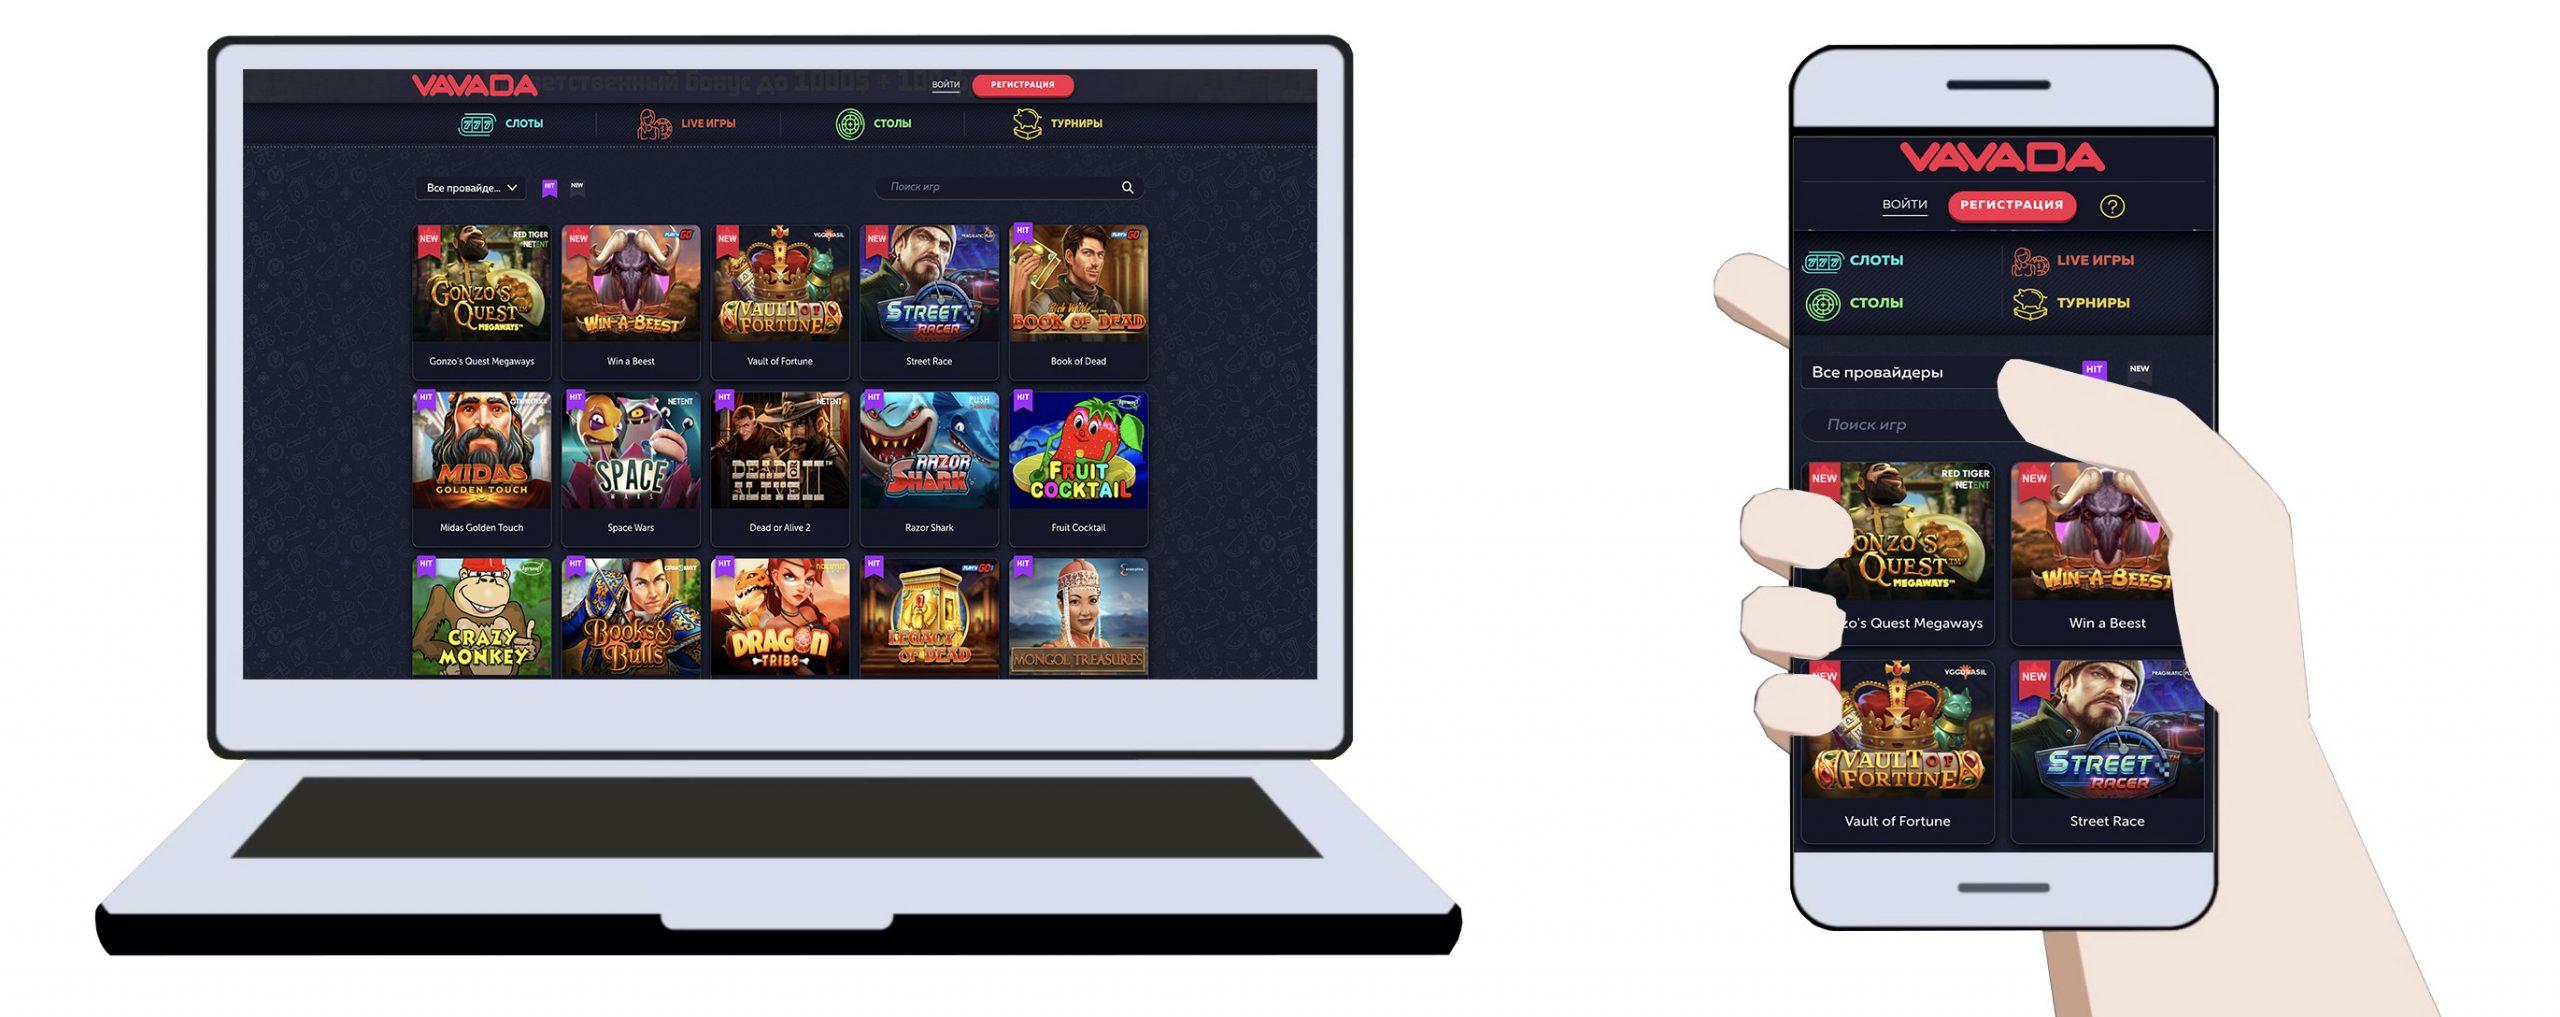 Игровые автоматы Vavada казино